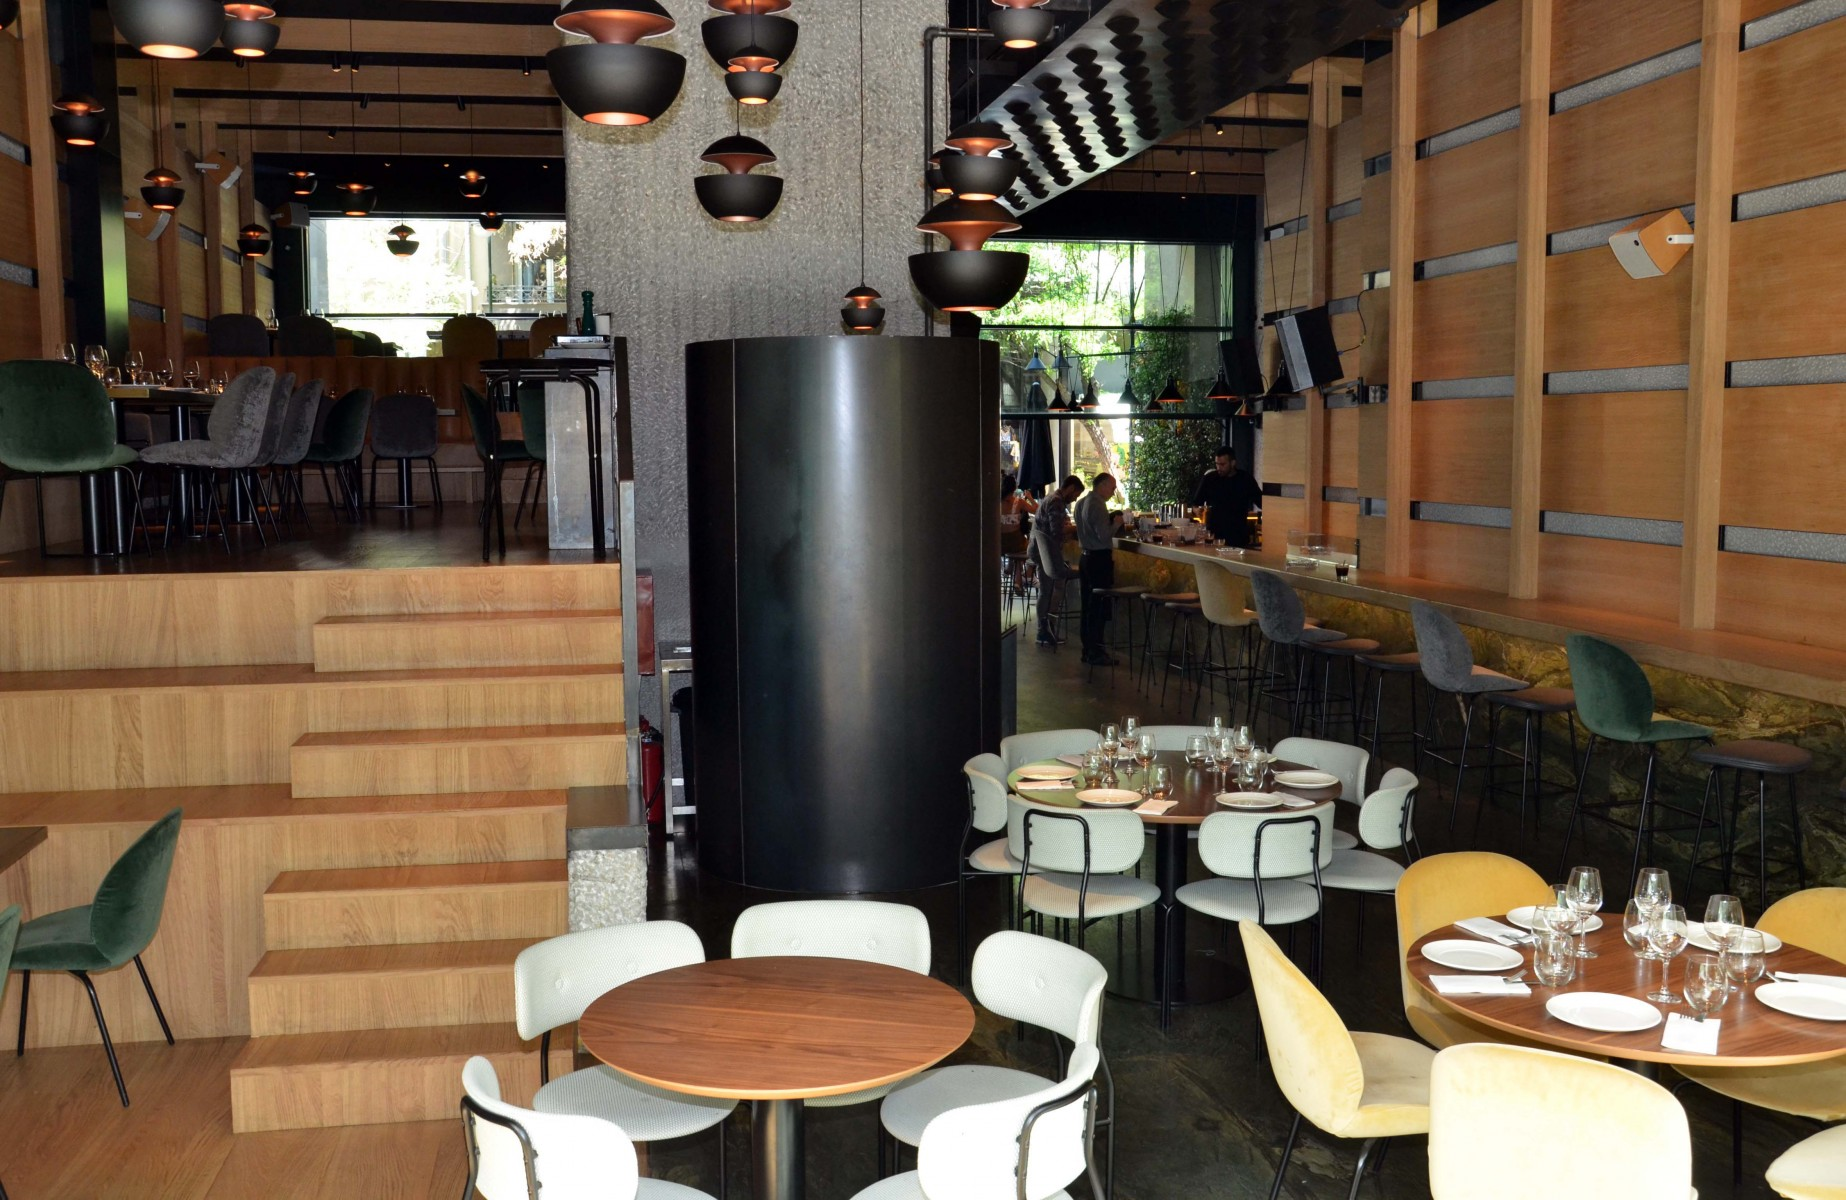 Ειδικής κατασκευής υδραυλικός ανελκυστήρας- Bar Restauran Zurbaran Athens.